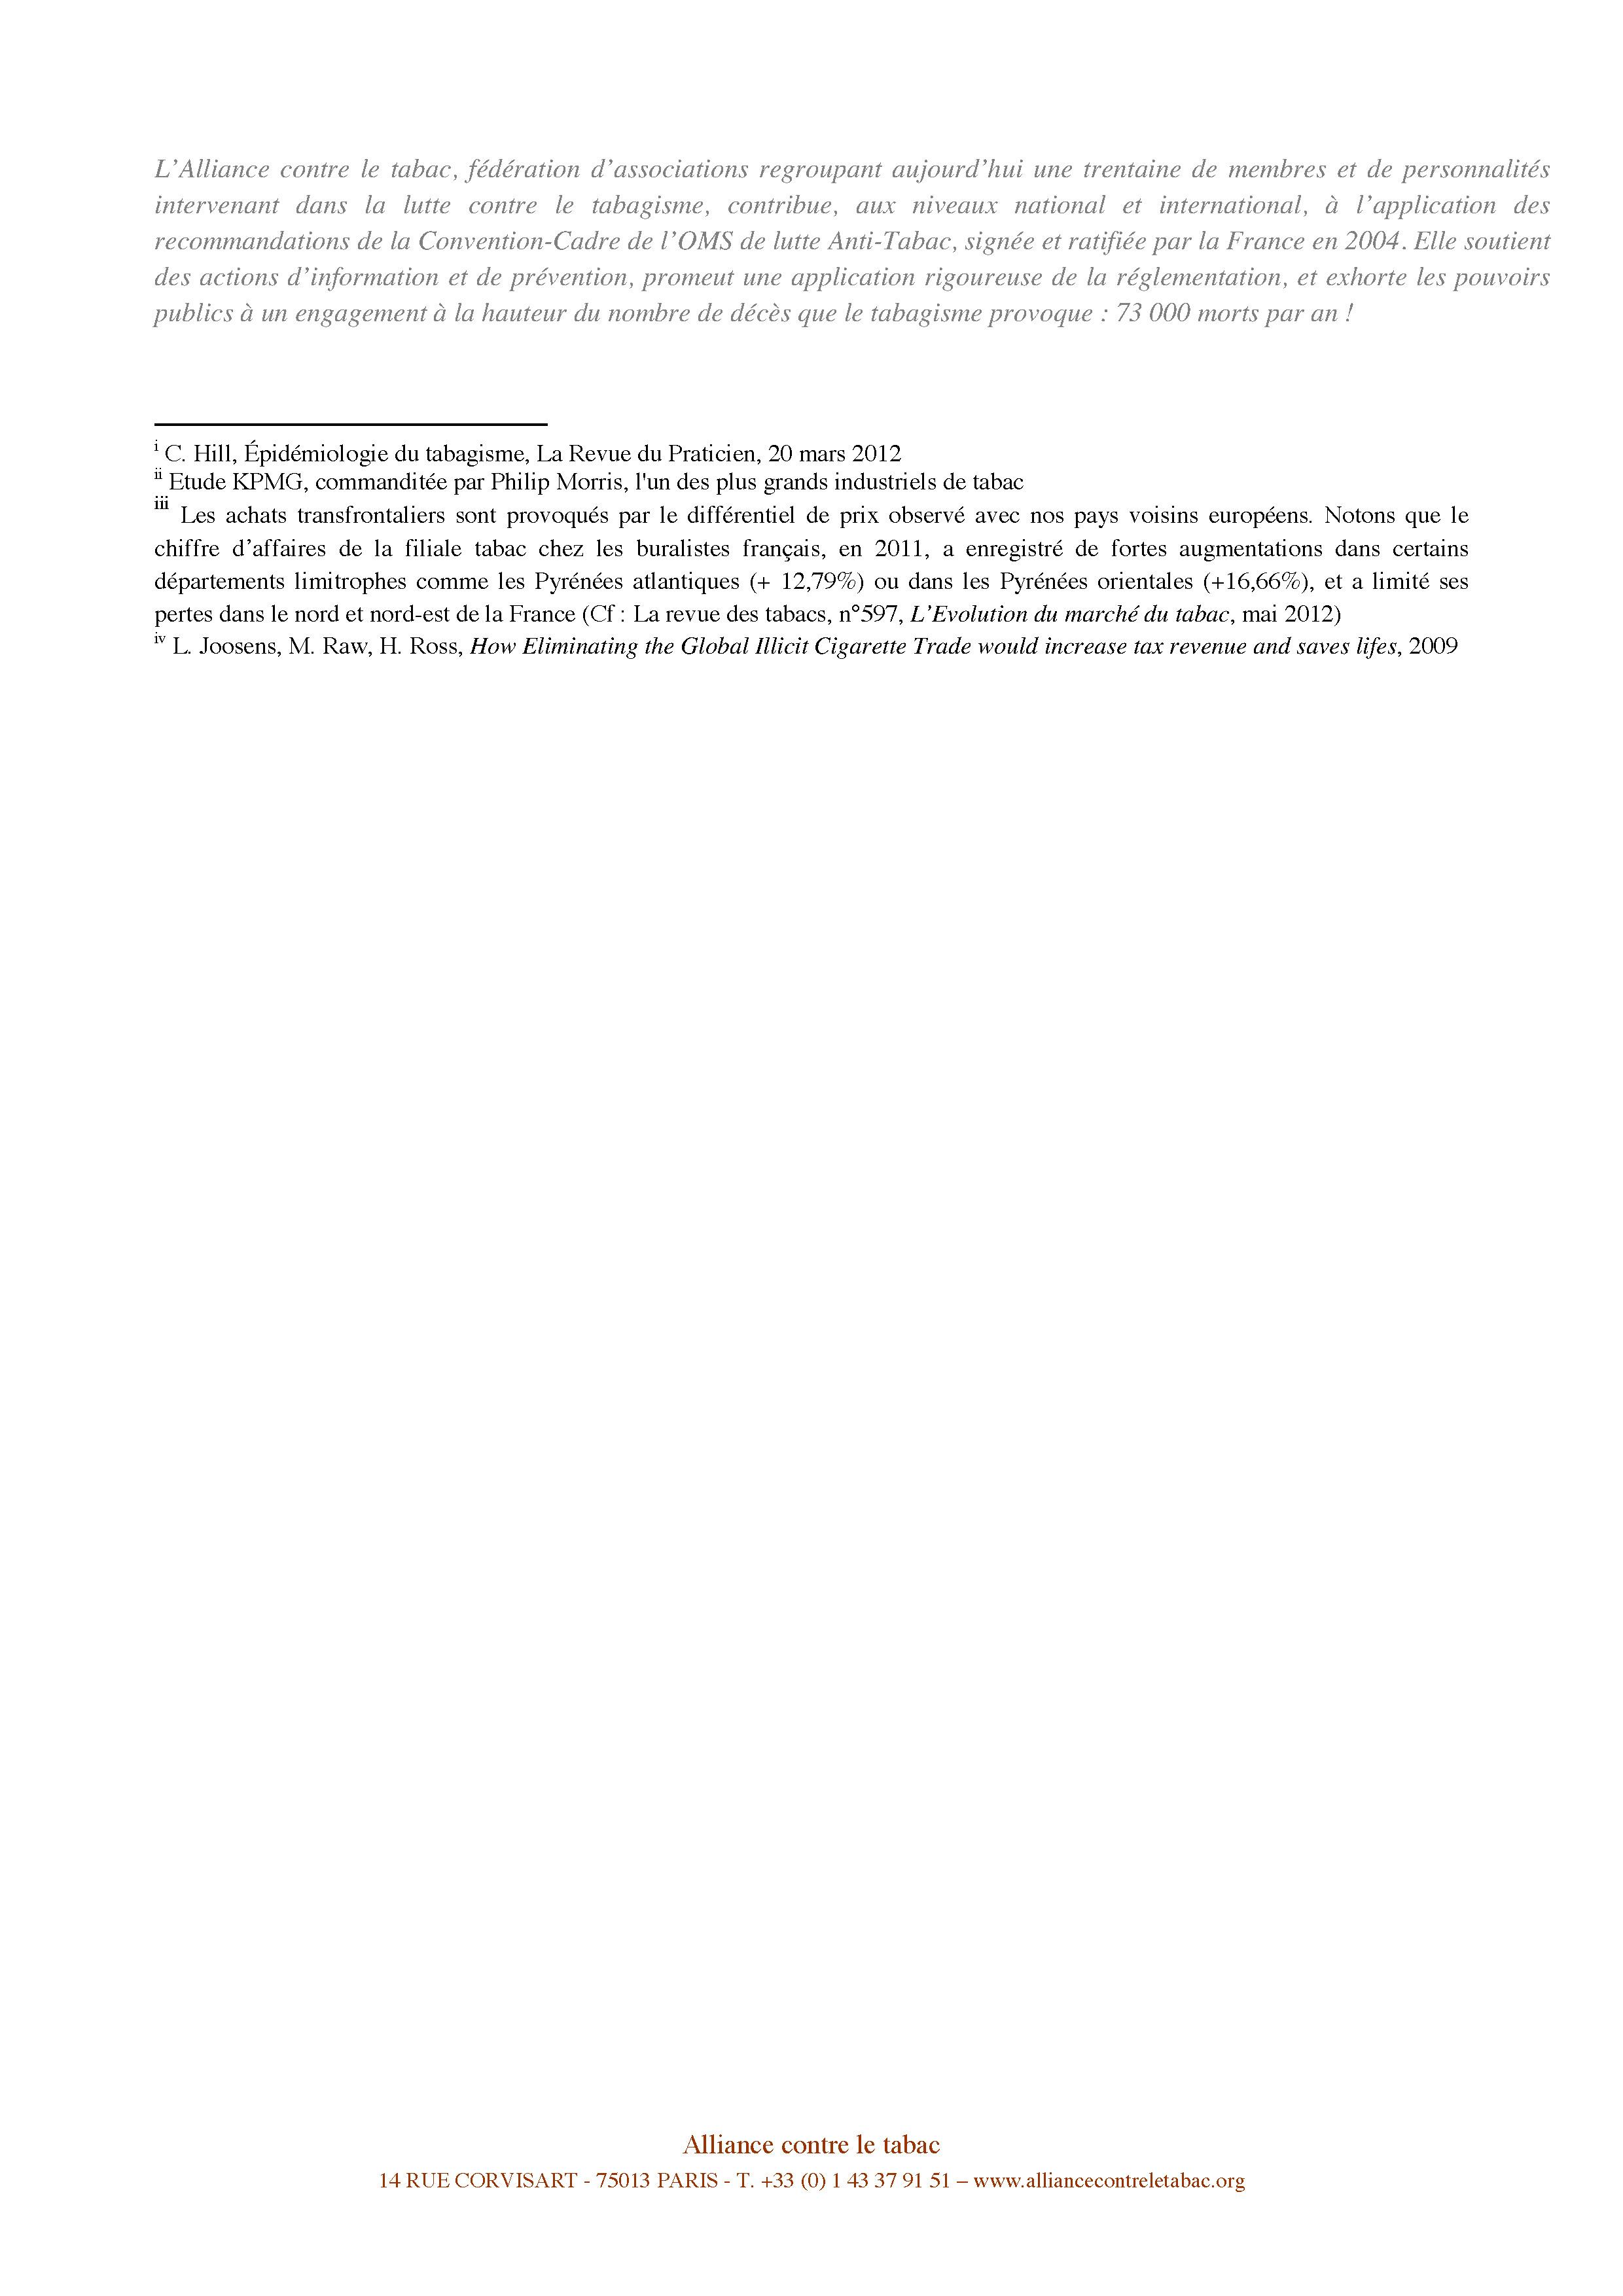 Alliance-CP_prix-du-tabac-et-contrebande-on vous enfume-28sept2012_Page_2.jpg